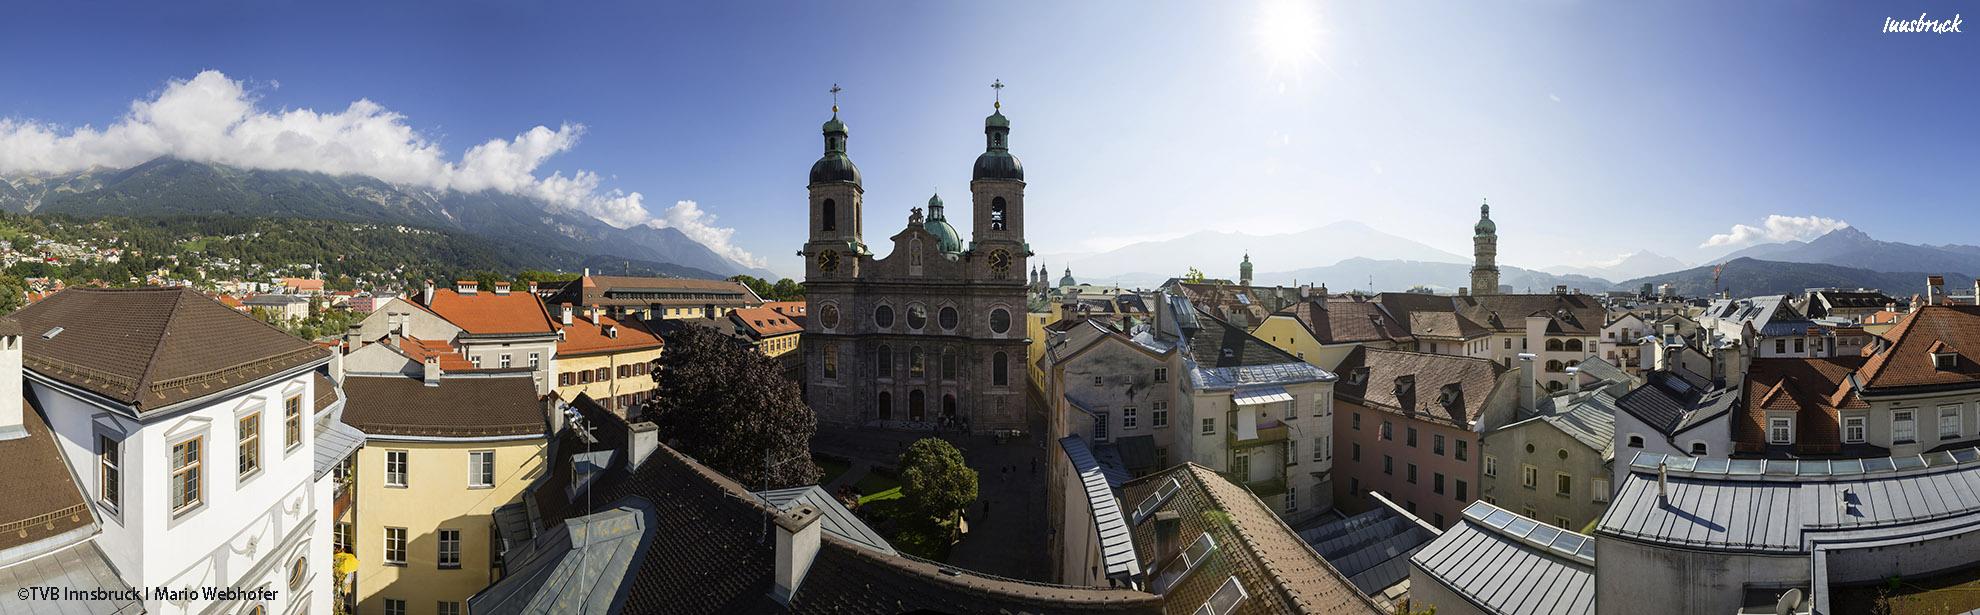 OTVB_Innsbruck_I_Mario_Webhofer_Innsbruck-Altstadt-Dom